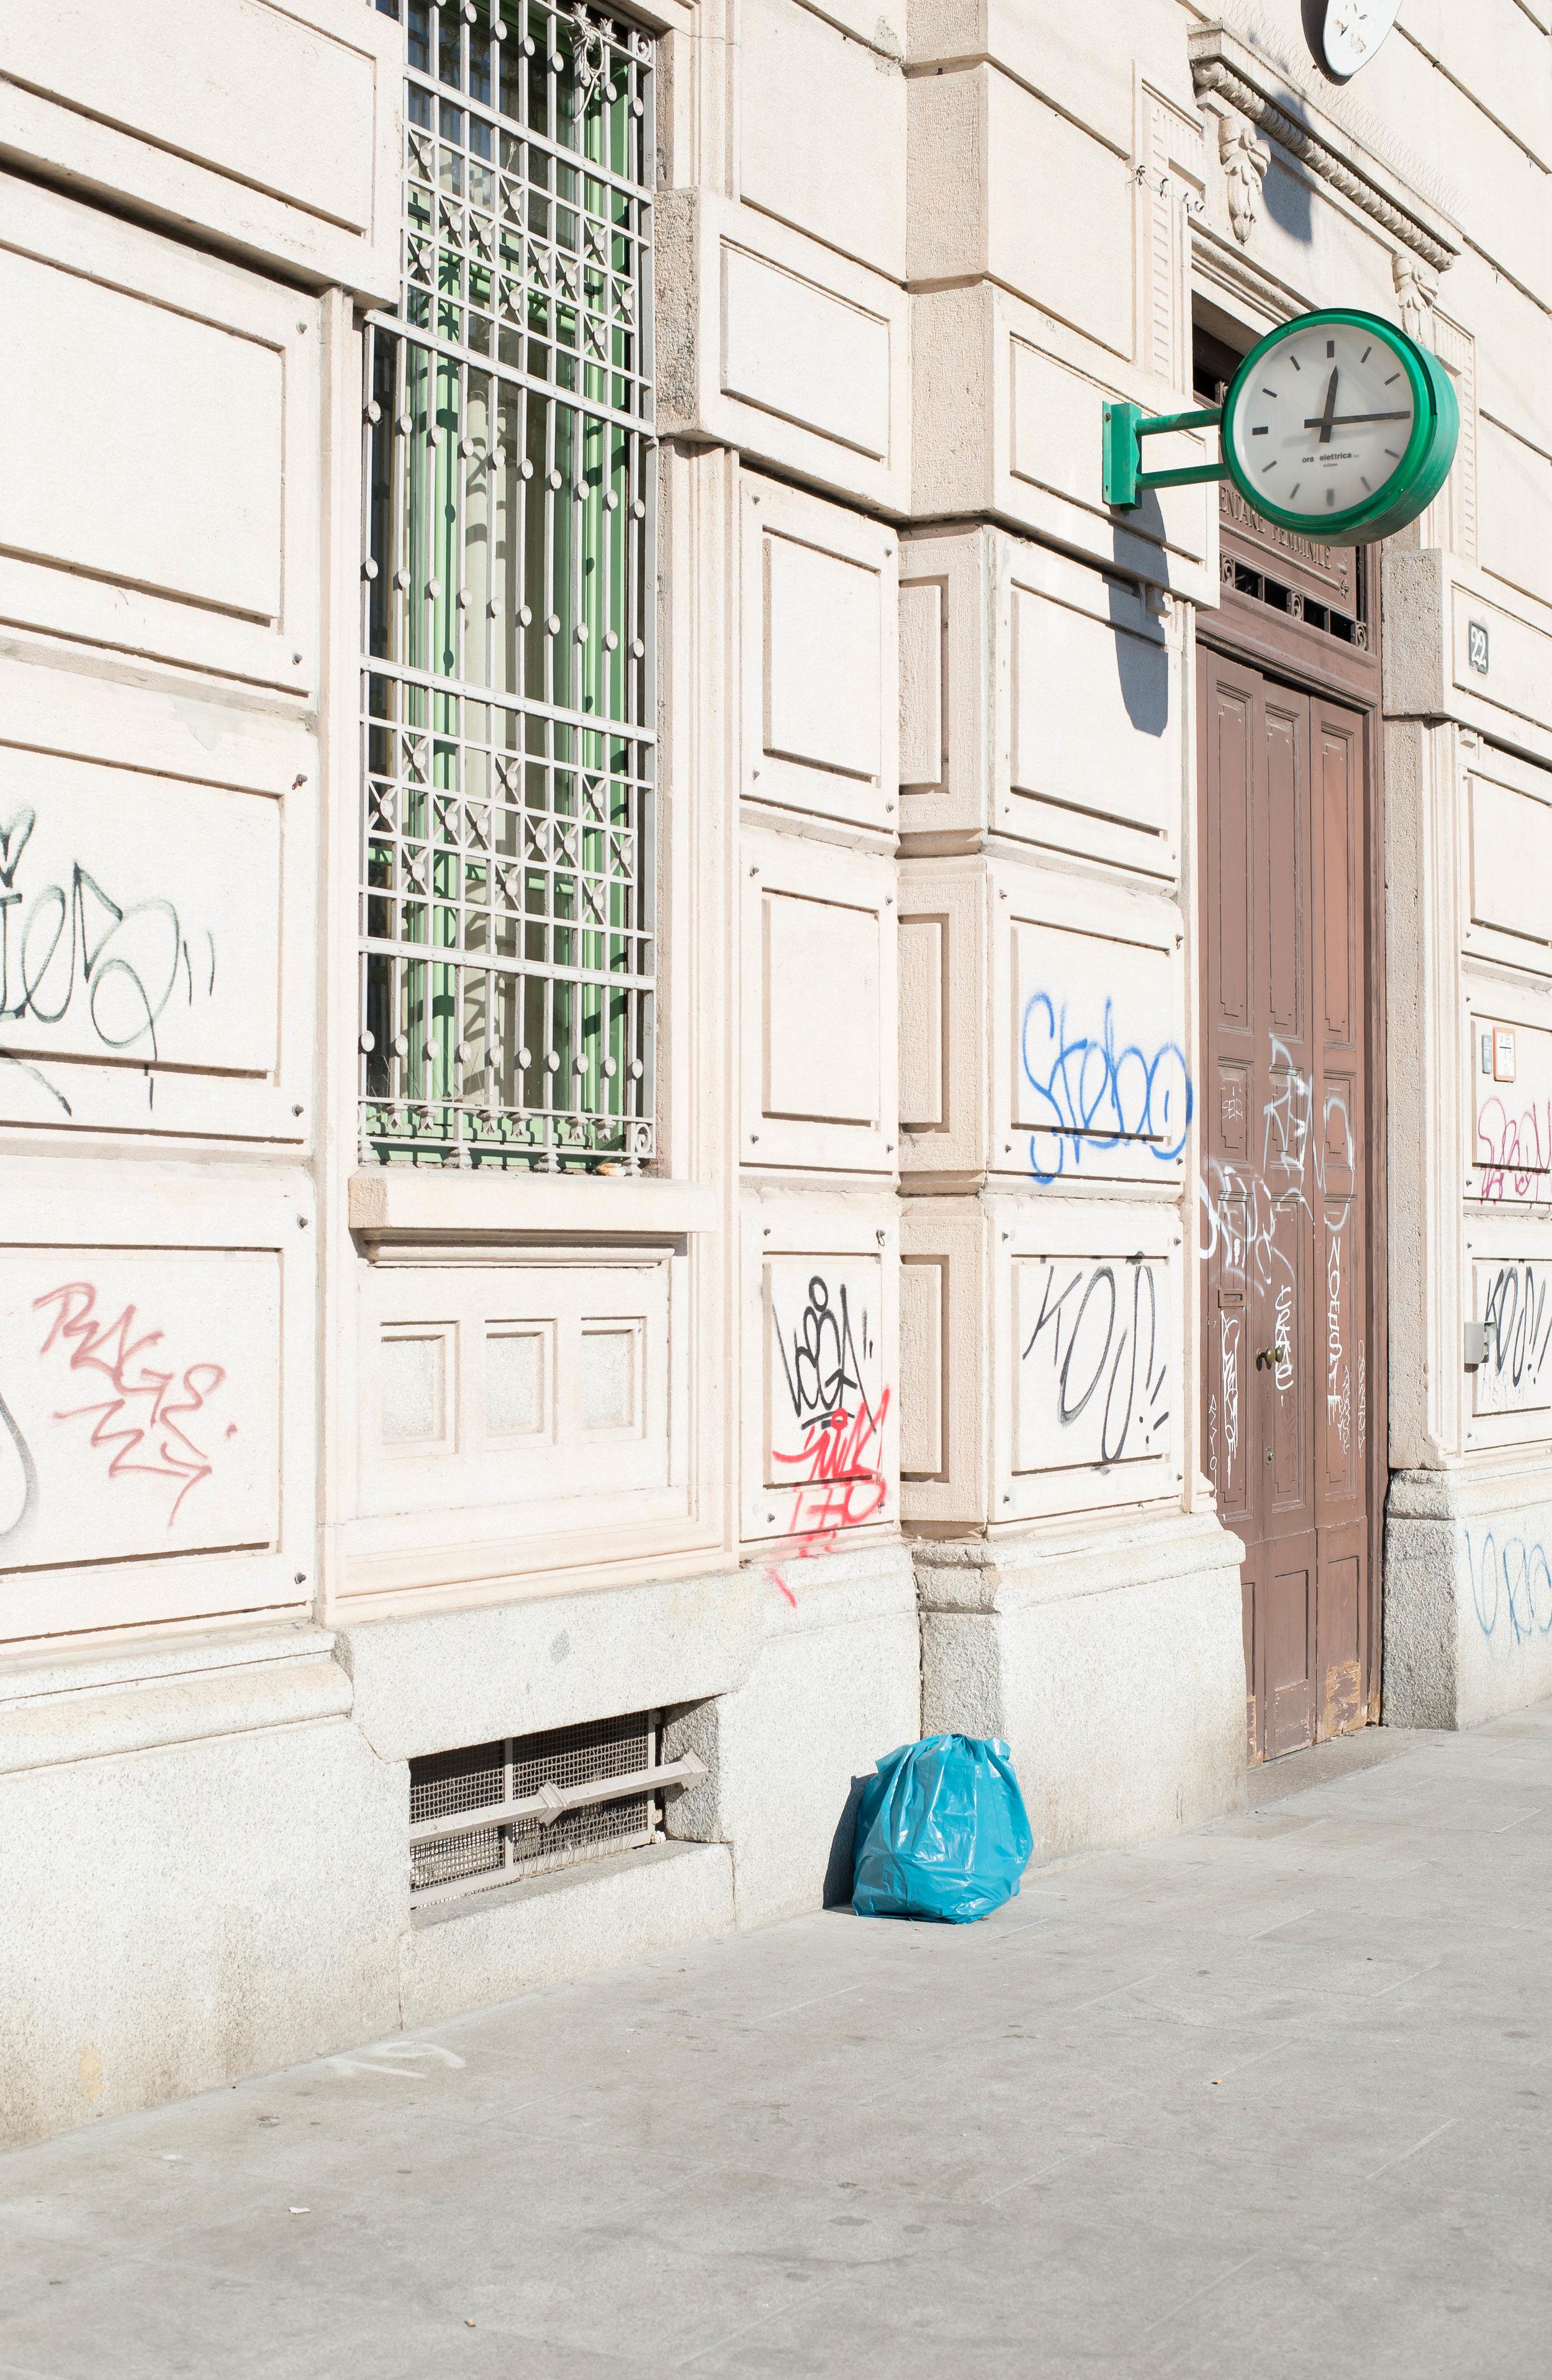 2015_11_07 milano_italia navigli street 1 V1.jpg